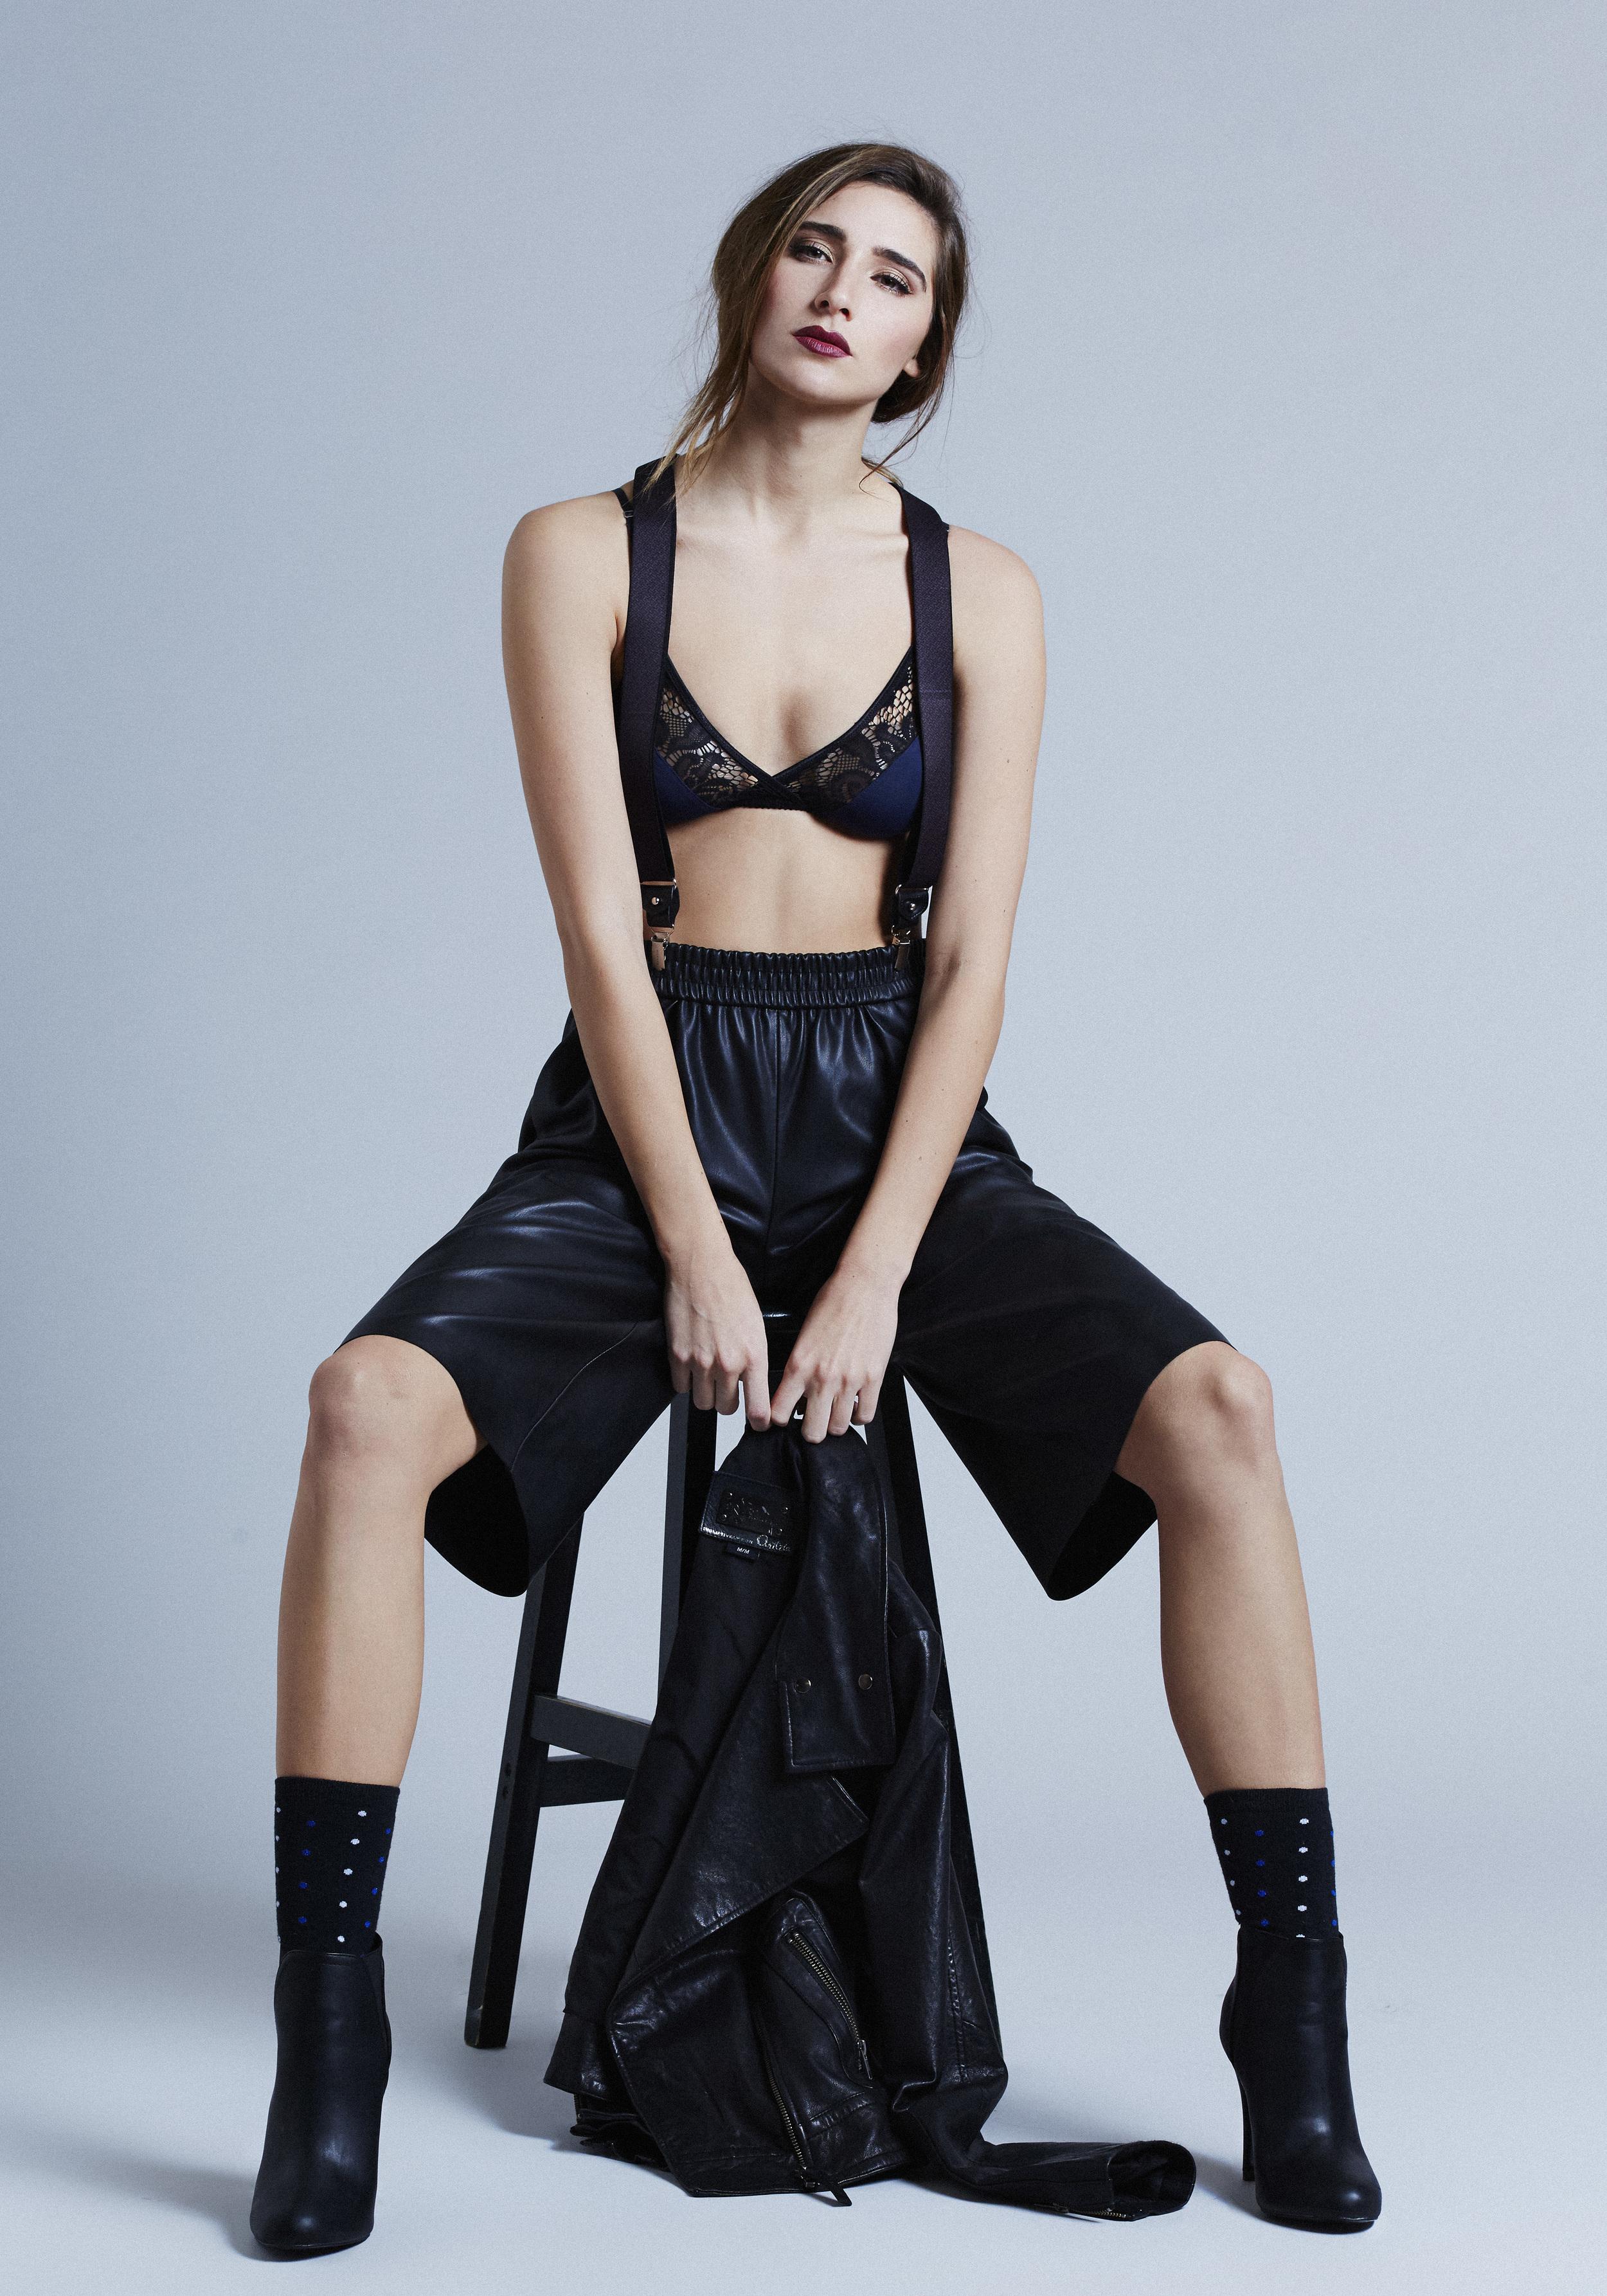 Shorts: Zara / Bralette: Fortnight Label